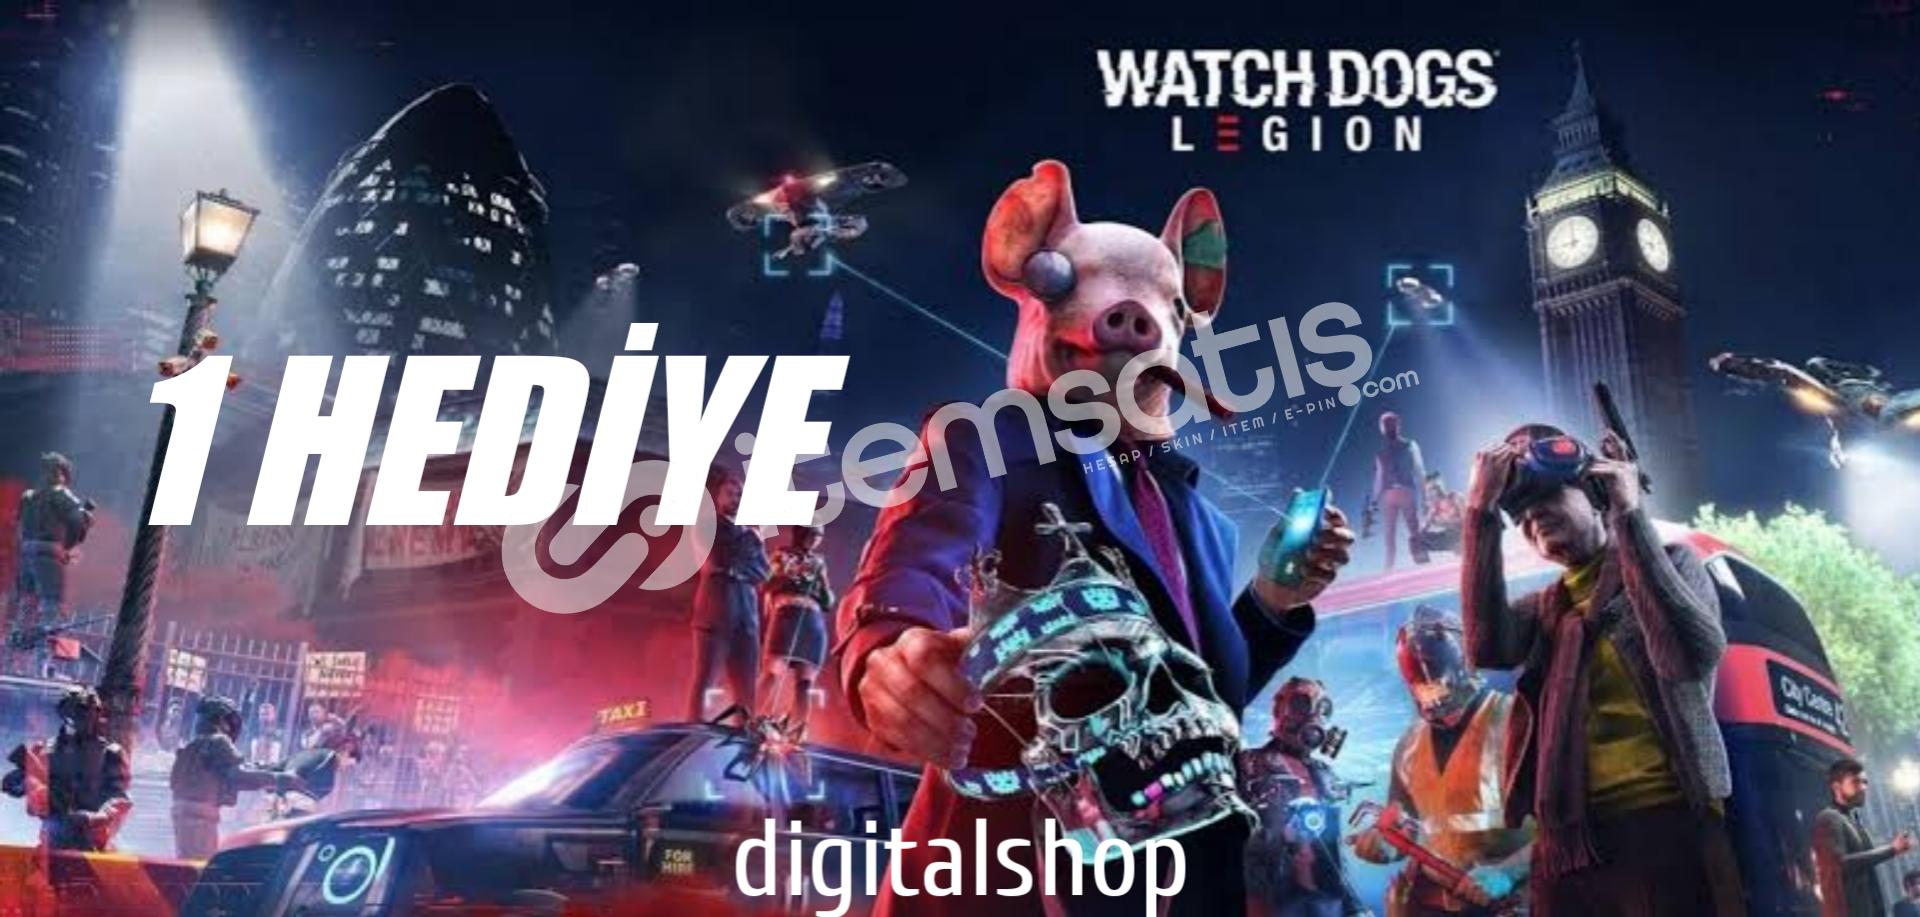 XBOX// WATCH DOGS LEGİON ULTİMATE + 1 HEDIYE